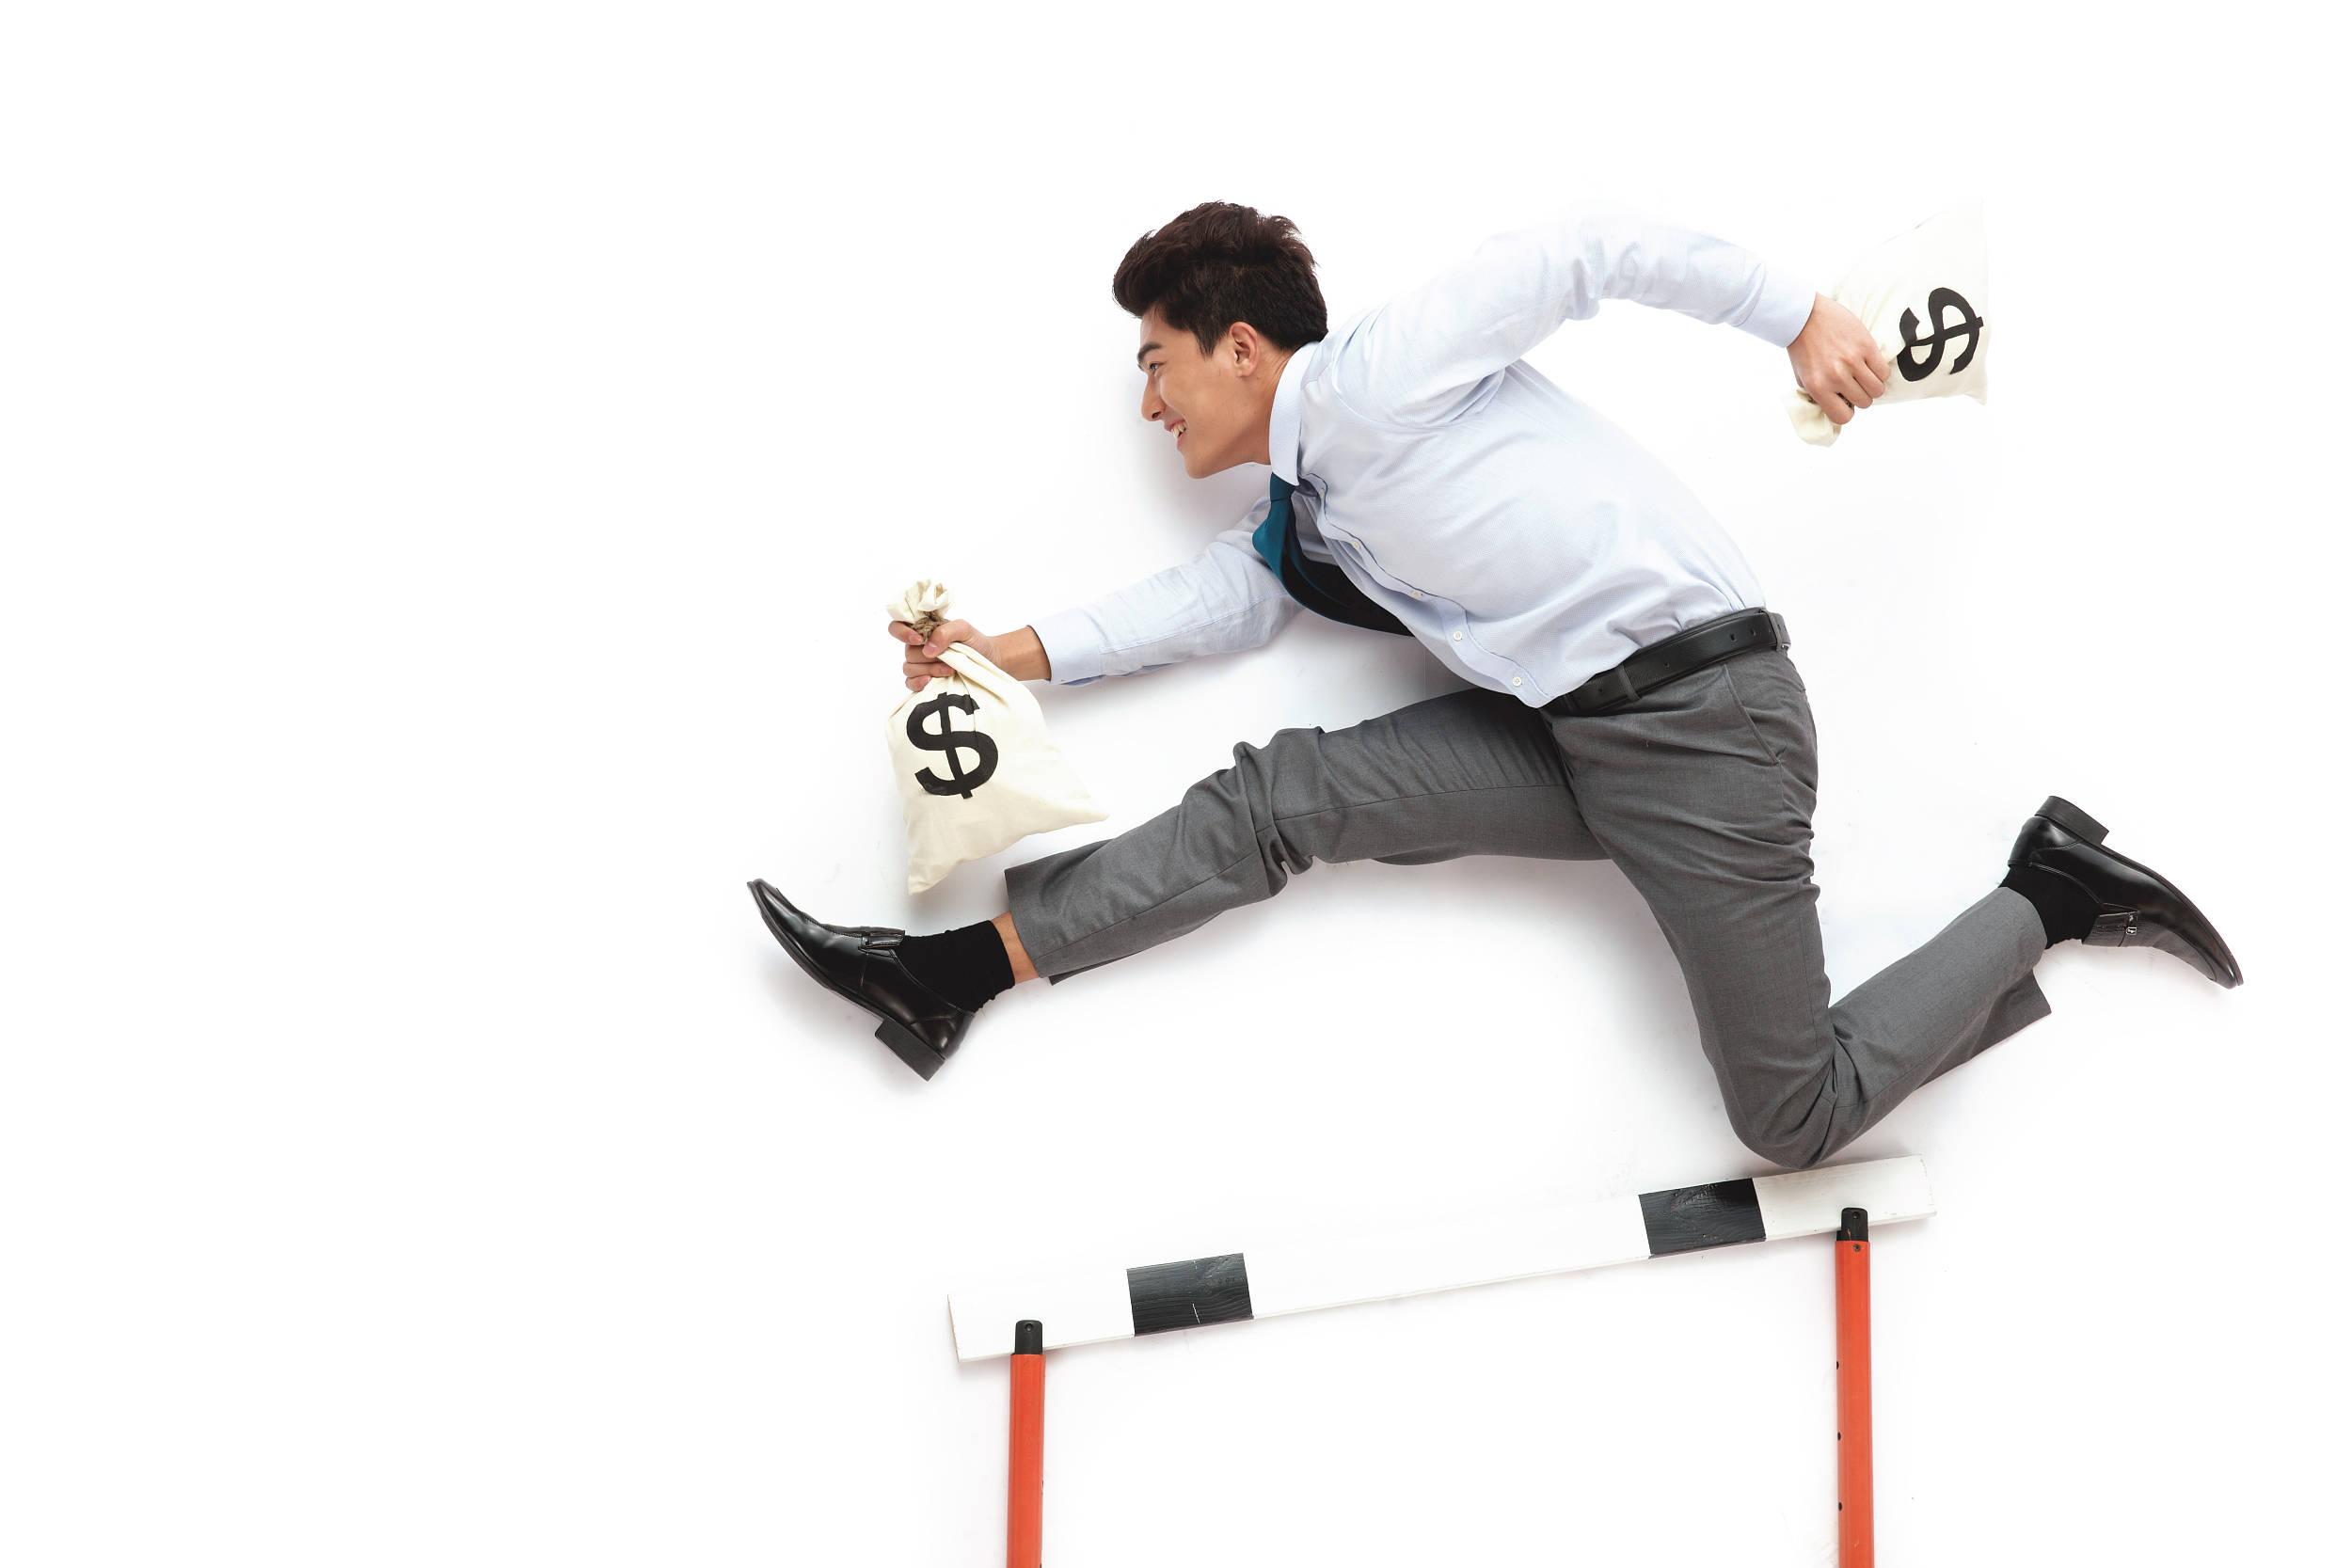 增量资金跑步进场!2月再添160万,A股新增投资者连续12个月突破百万大关